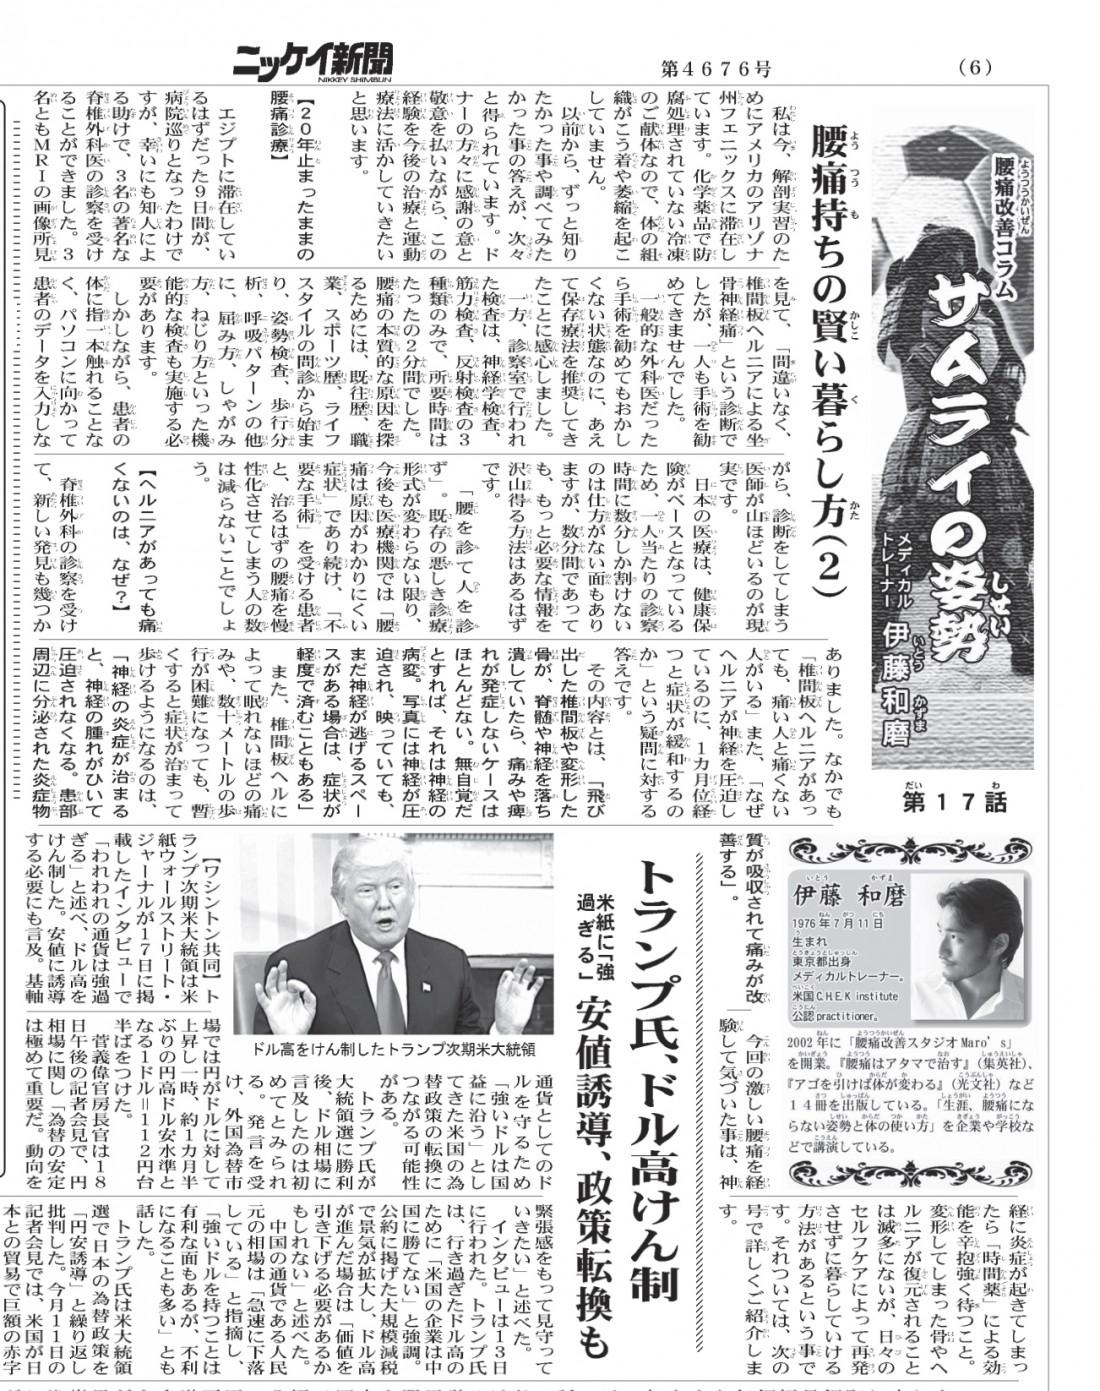 20170119-Jornal Nikkey Shimbun p6 Samurai 17